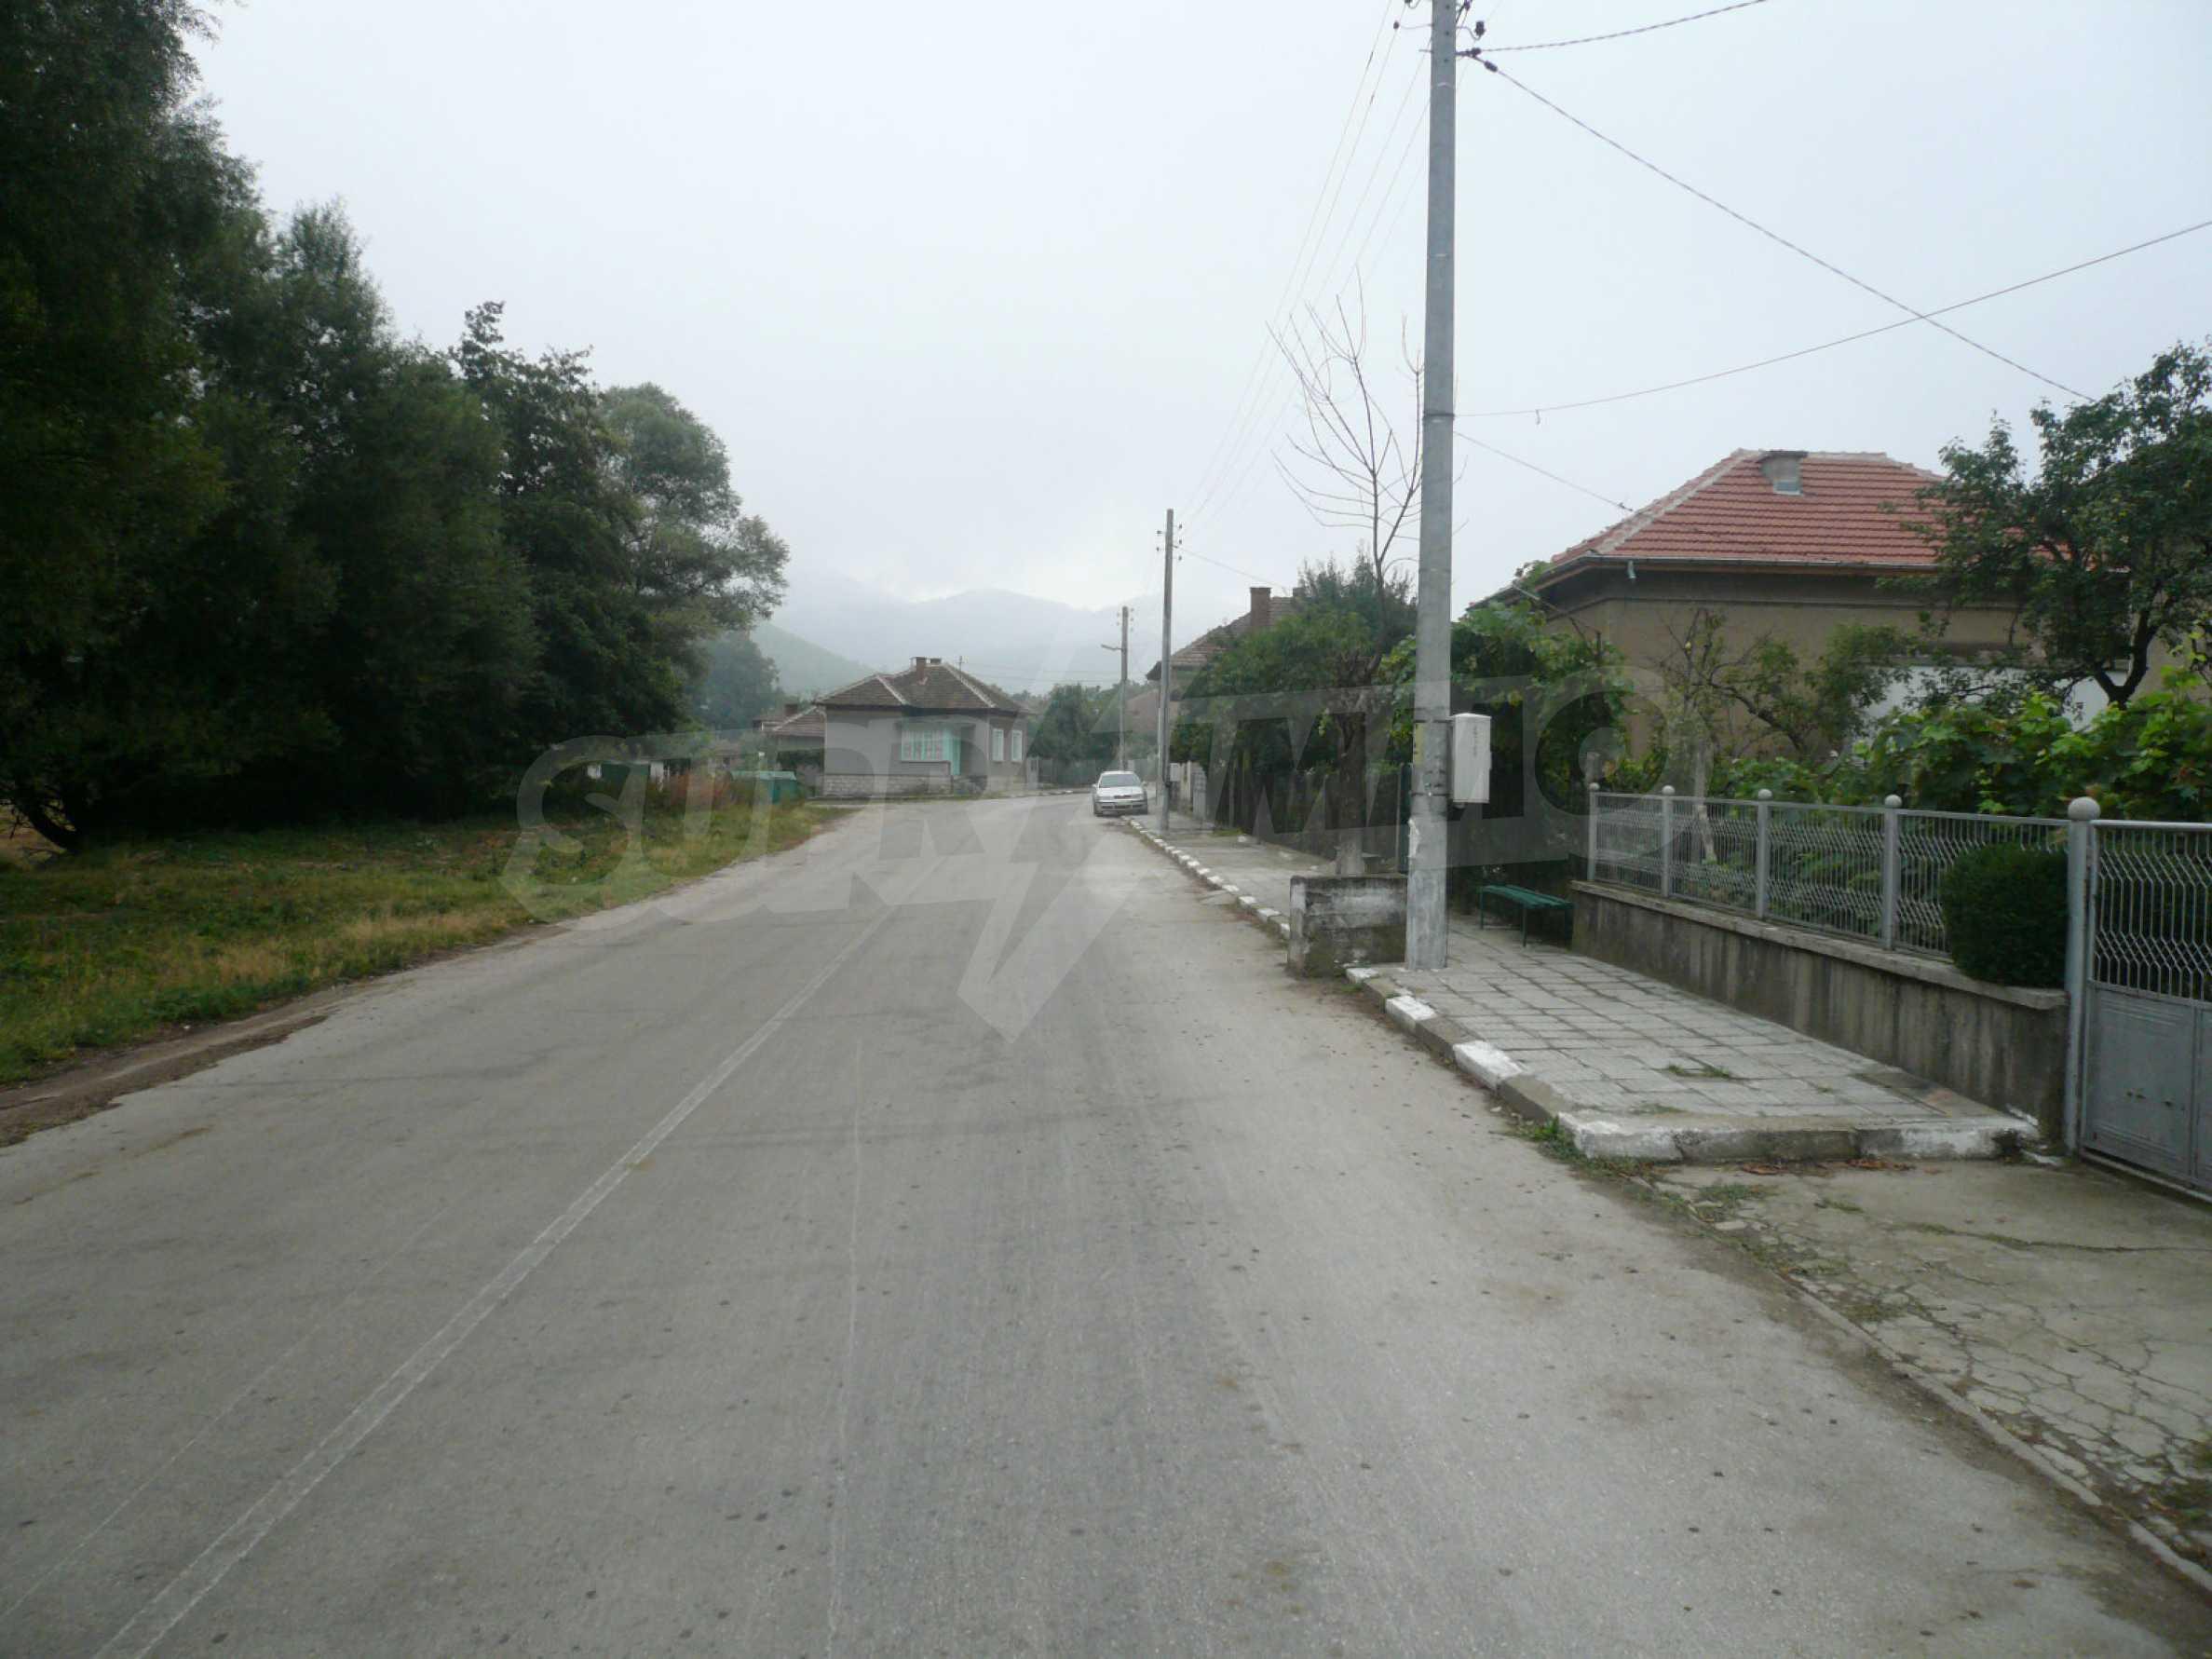 Wunderschönes massives Haus 27 km von Belogradchik entfernt 23